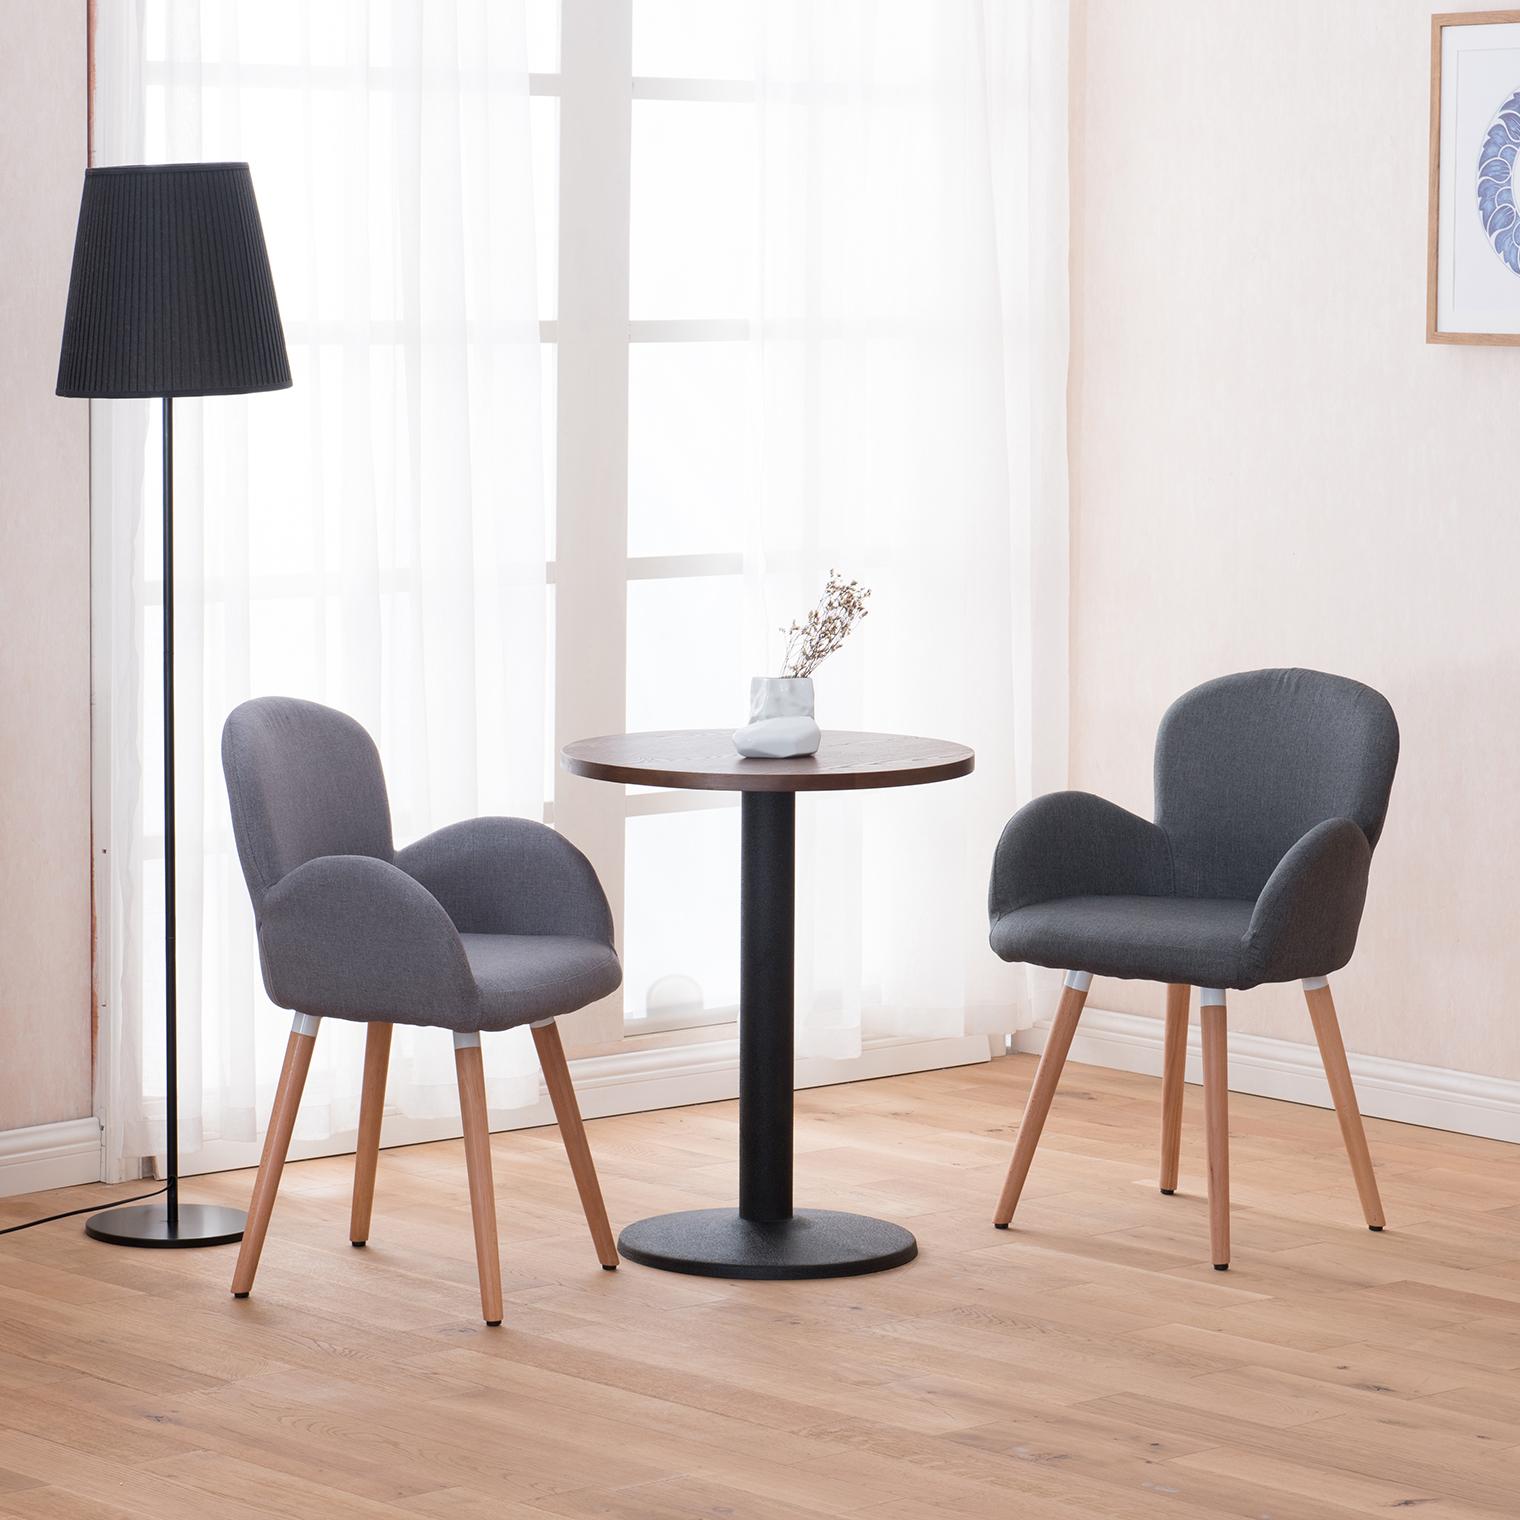 esszimmerst hle k chenstuhl wohnzimmerstuhl mit armlehne. Black Bedroom Furniture Sets. Home Design Ideas